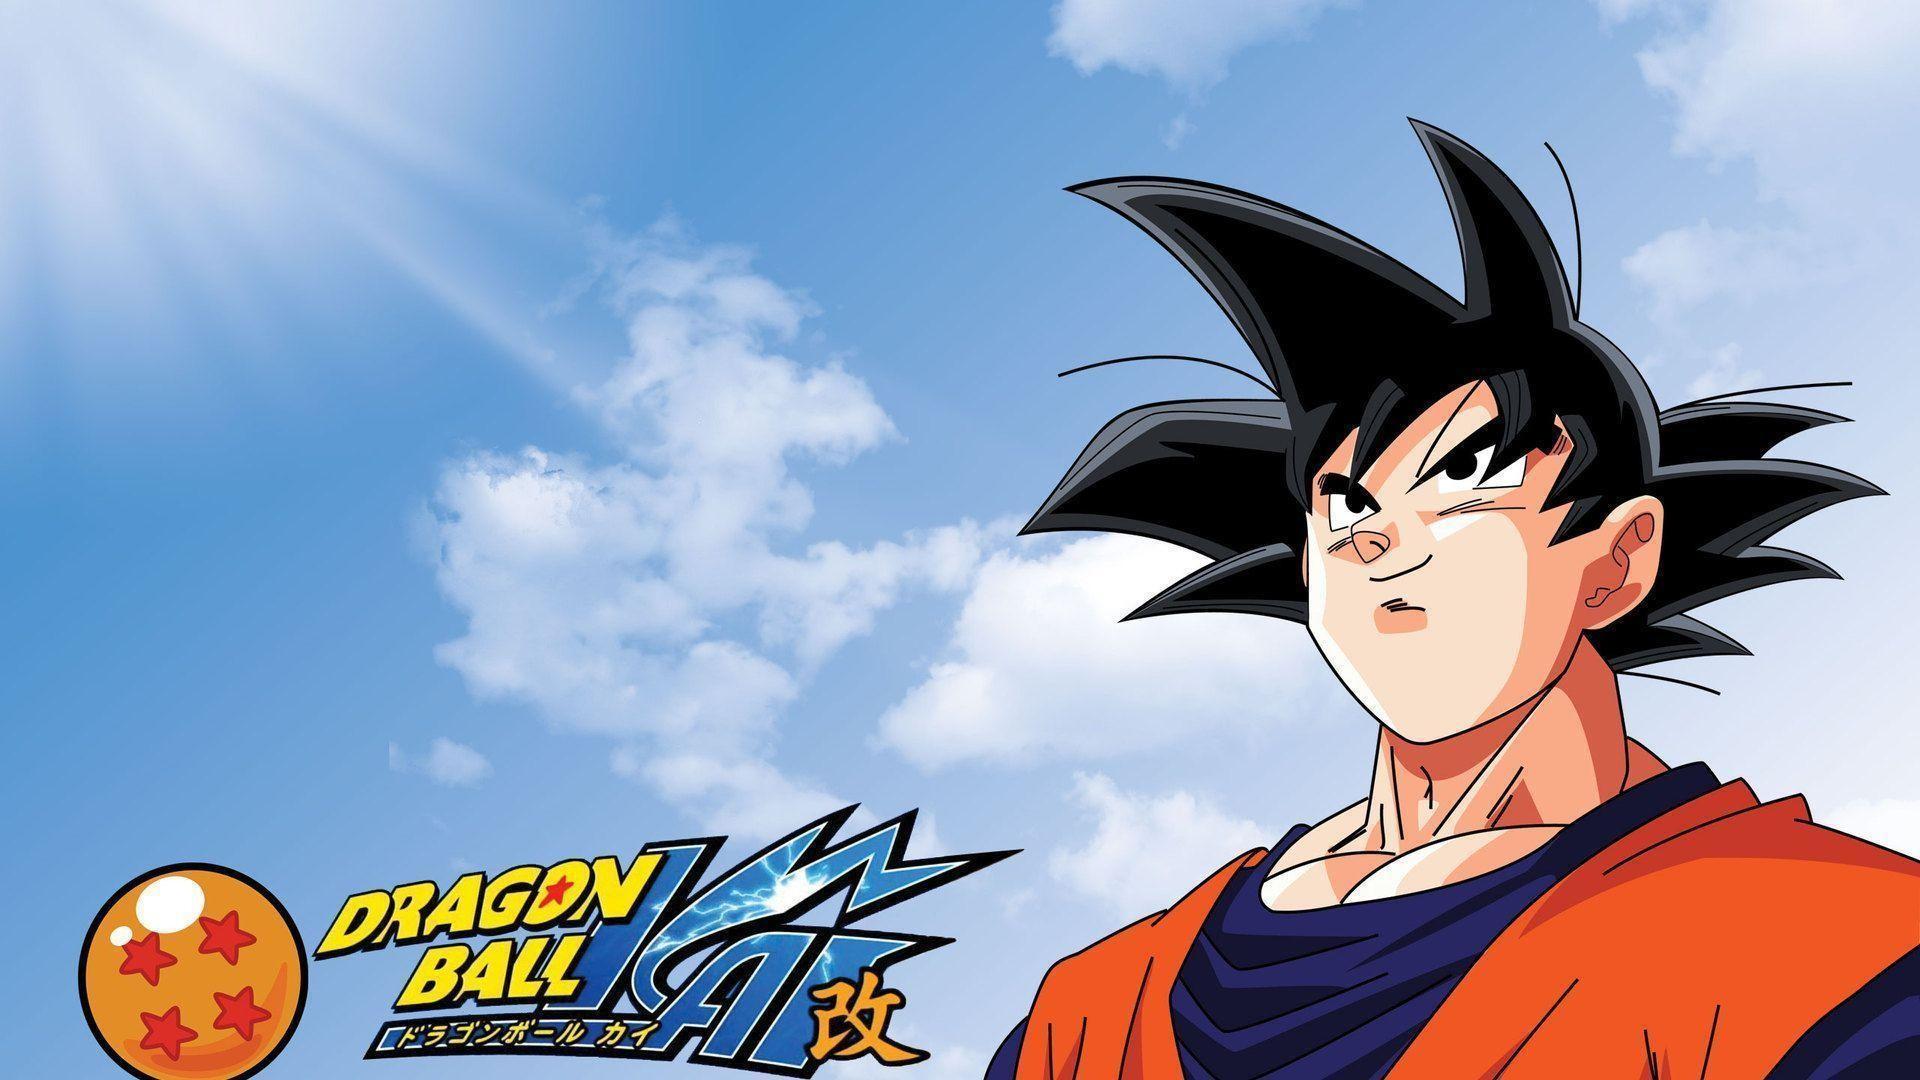 Free Dragon Ball Z Kai Goku Anime Wallpaper HD #5459 Wallpaper .